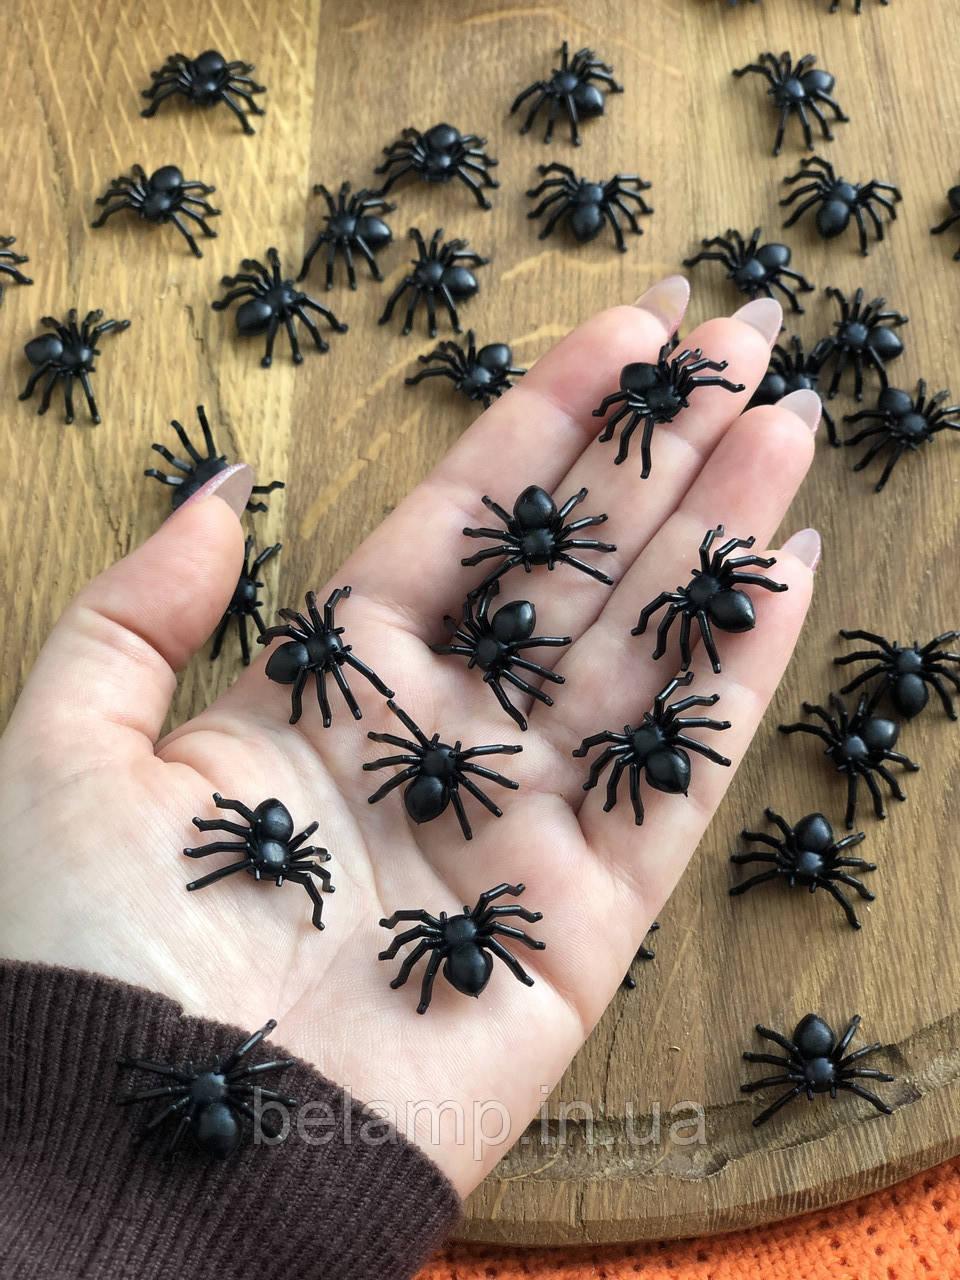 Павуки. Набір з 50 павуків.